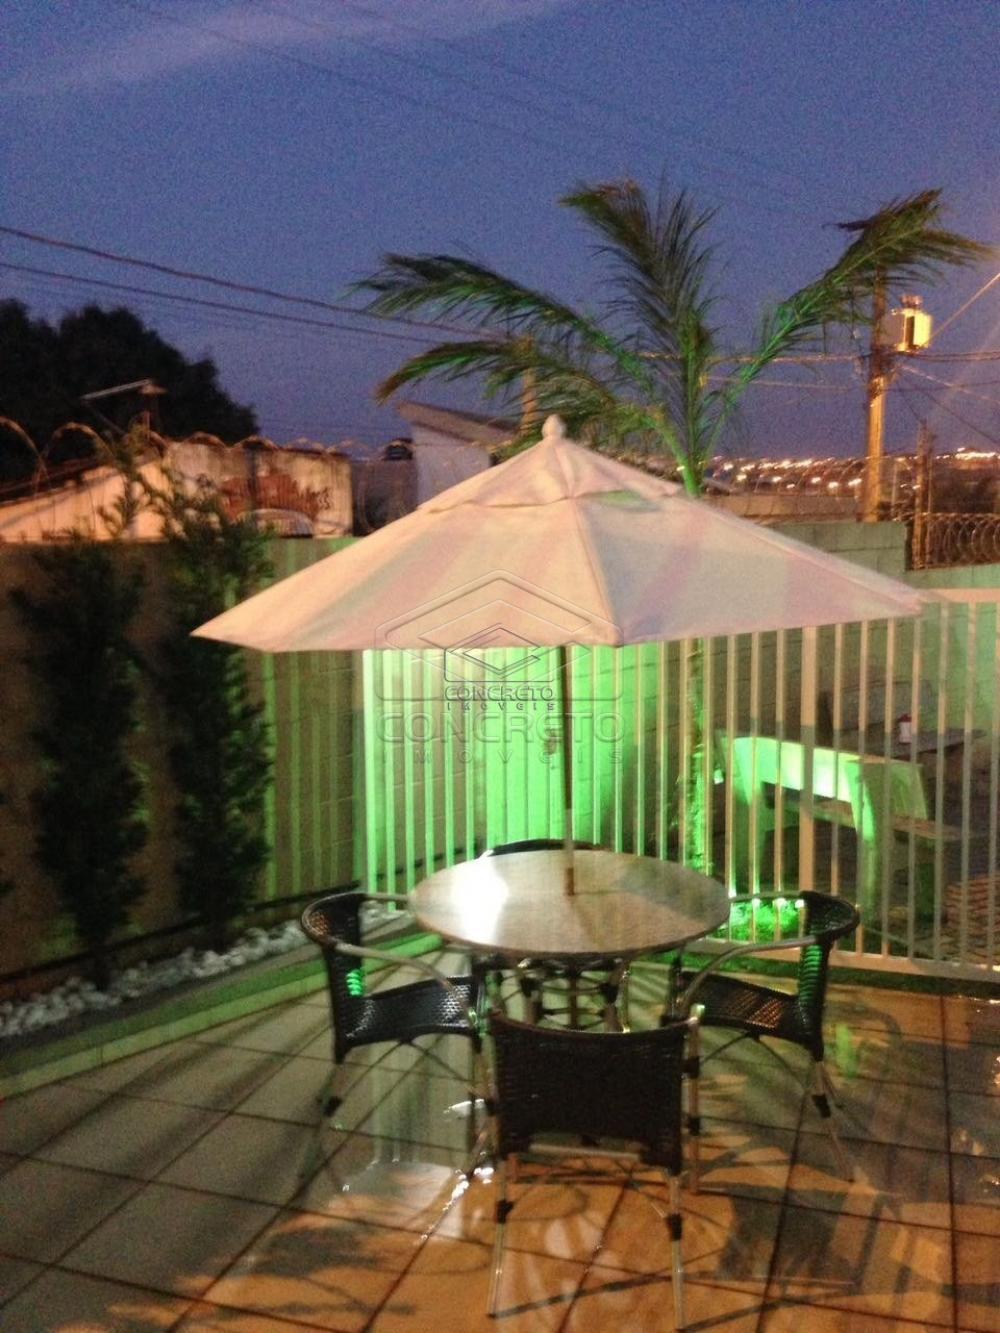 Comprar Apartamento / Padrão em Agudos apenas R$ 175.000,00 - Foto 8